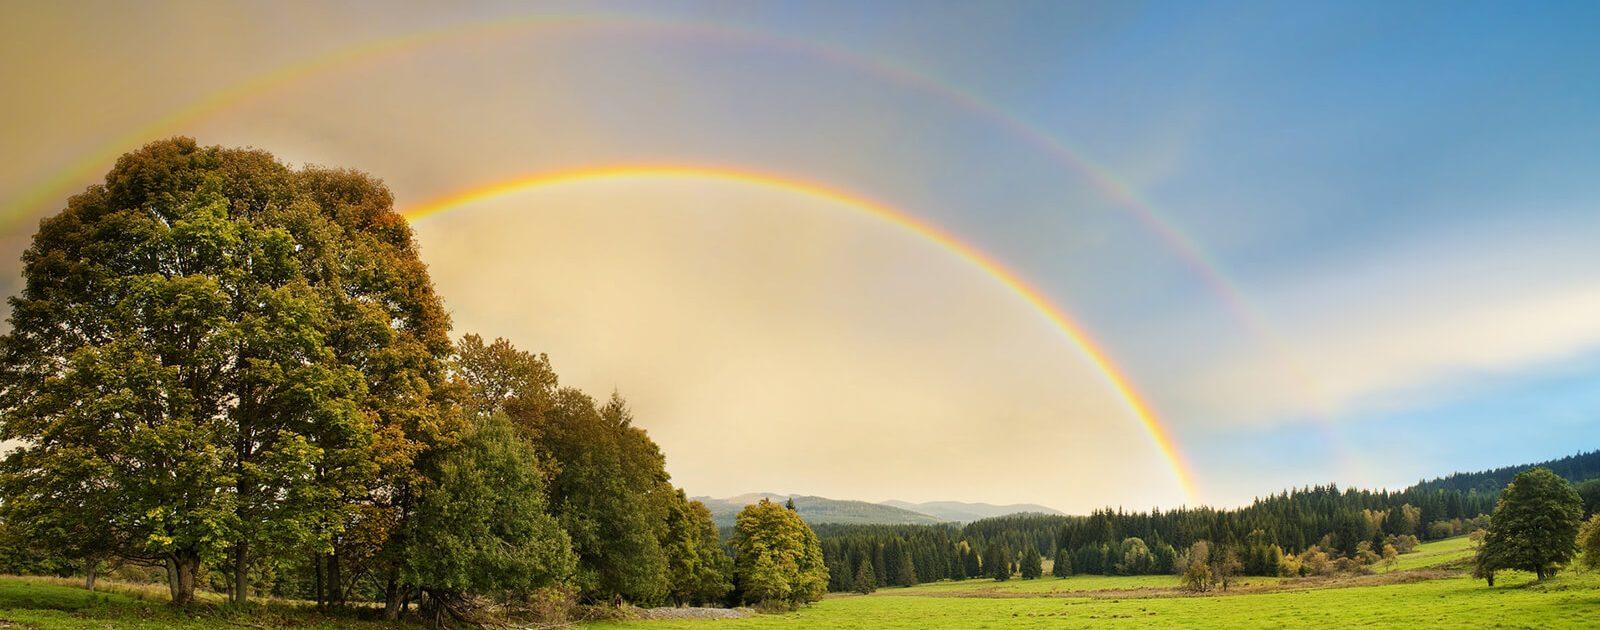 Menschen mit Farbenblindheit können nicht alle Farben eines Regenbogens sehen.